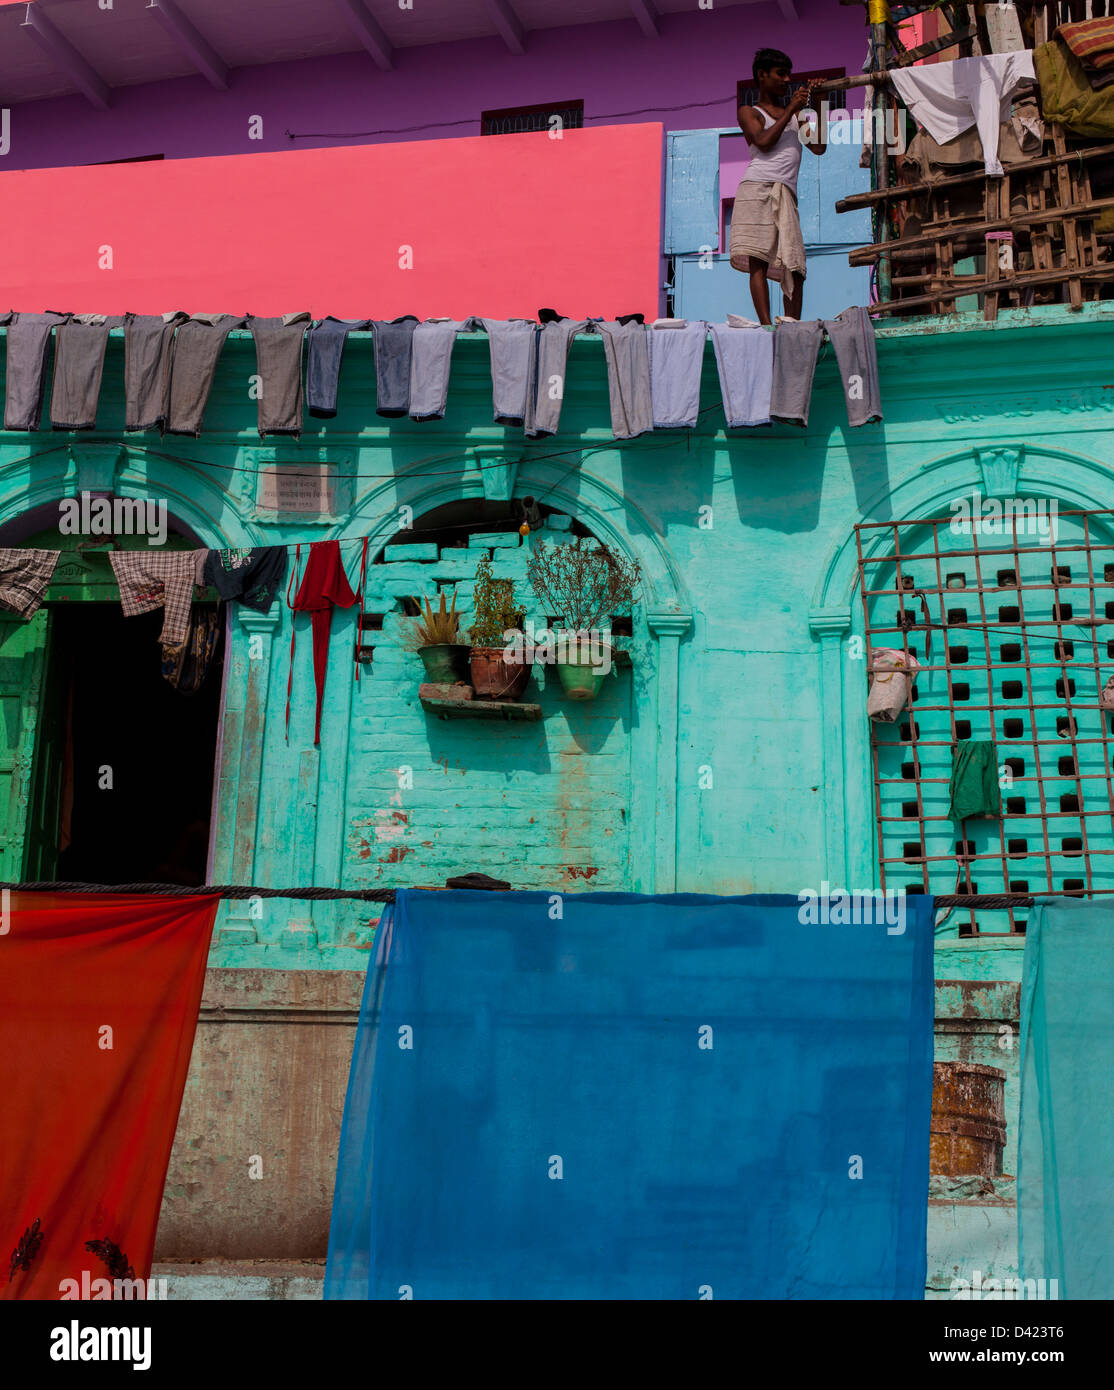 Línea de lavado, Varanasi, India Imagen De Stock